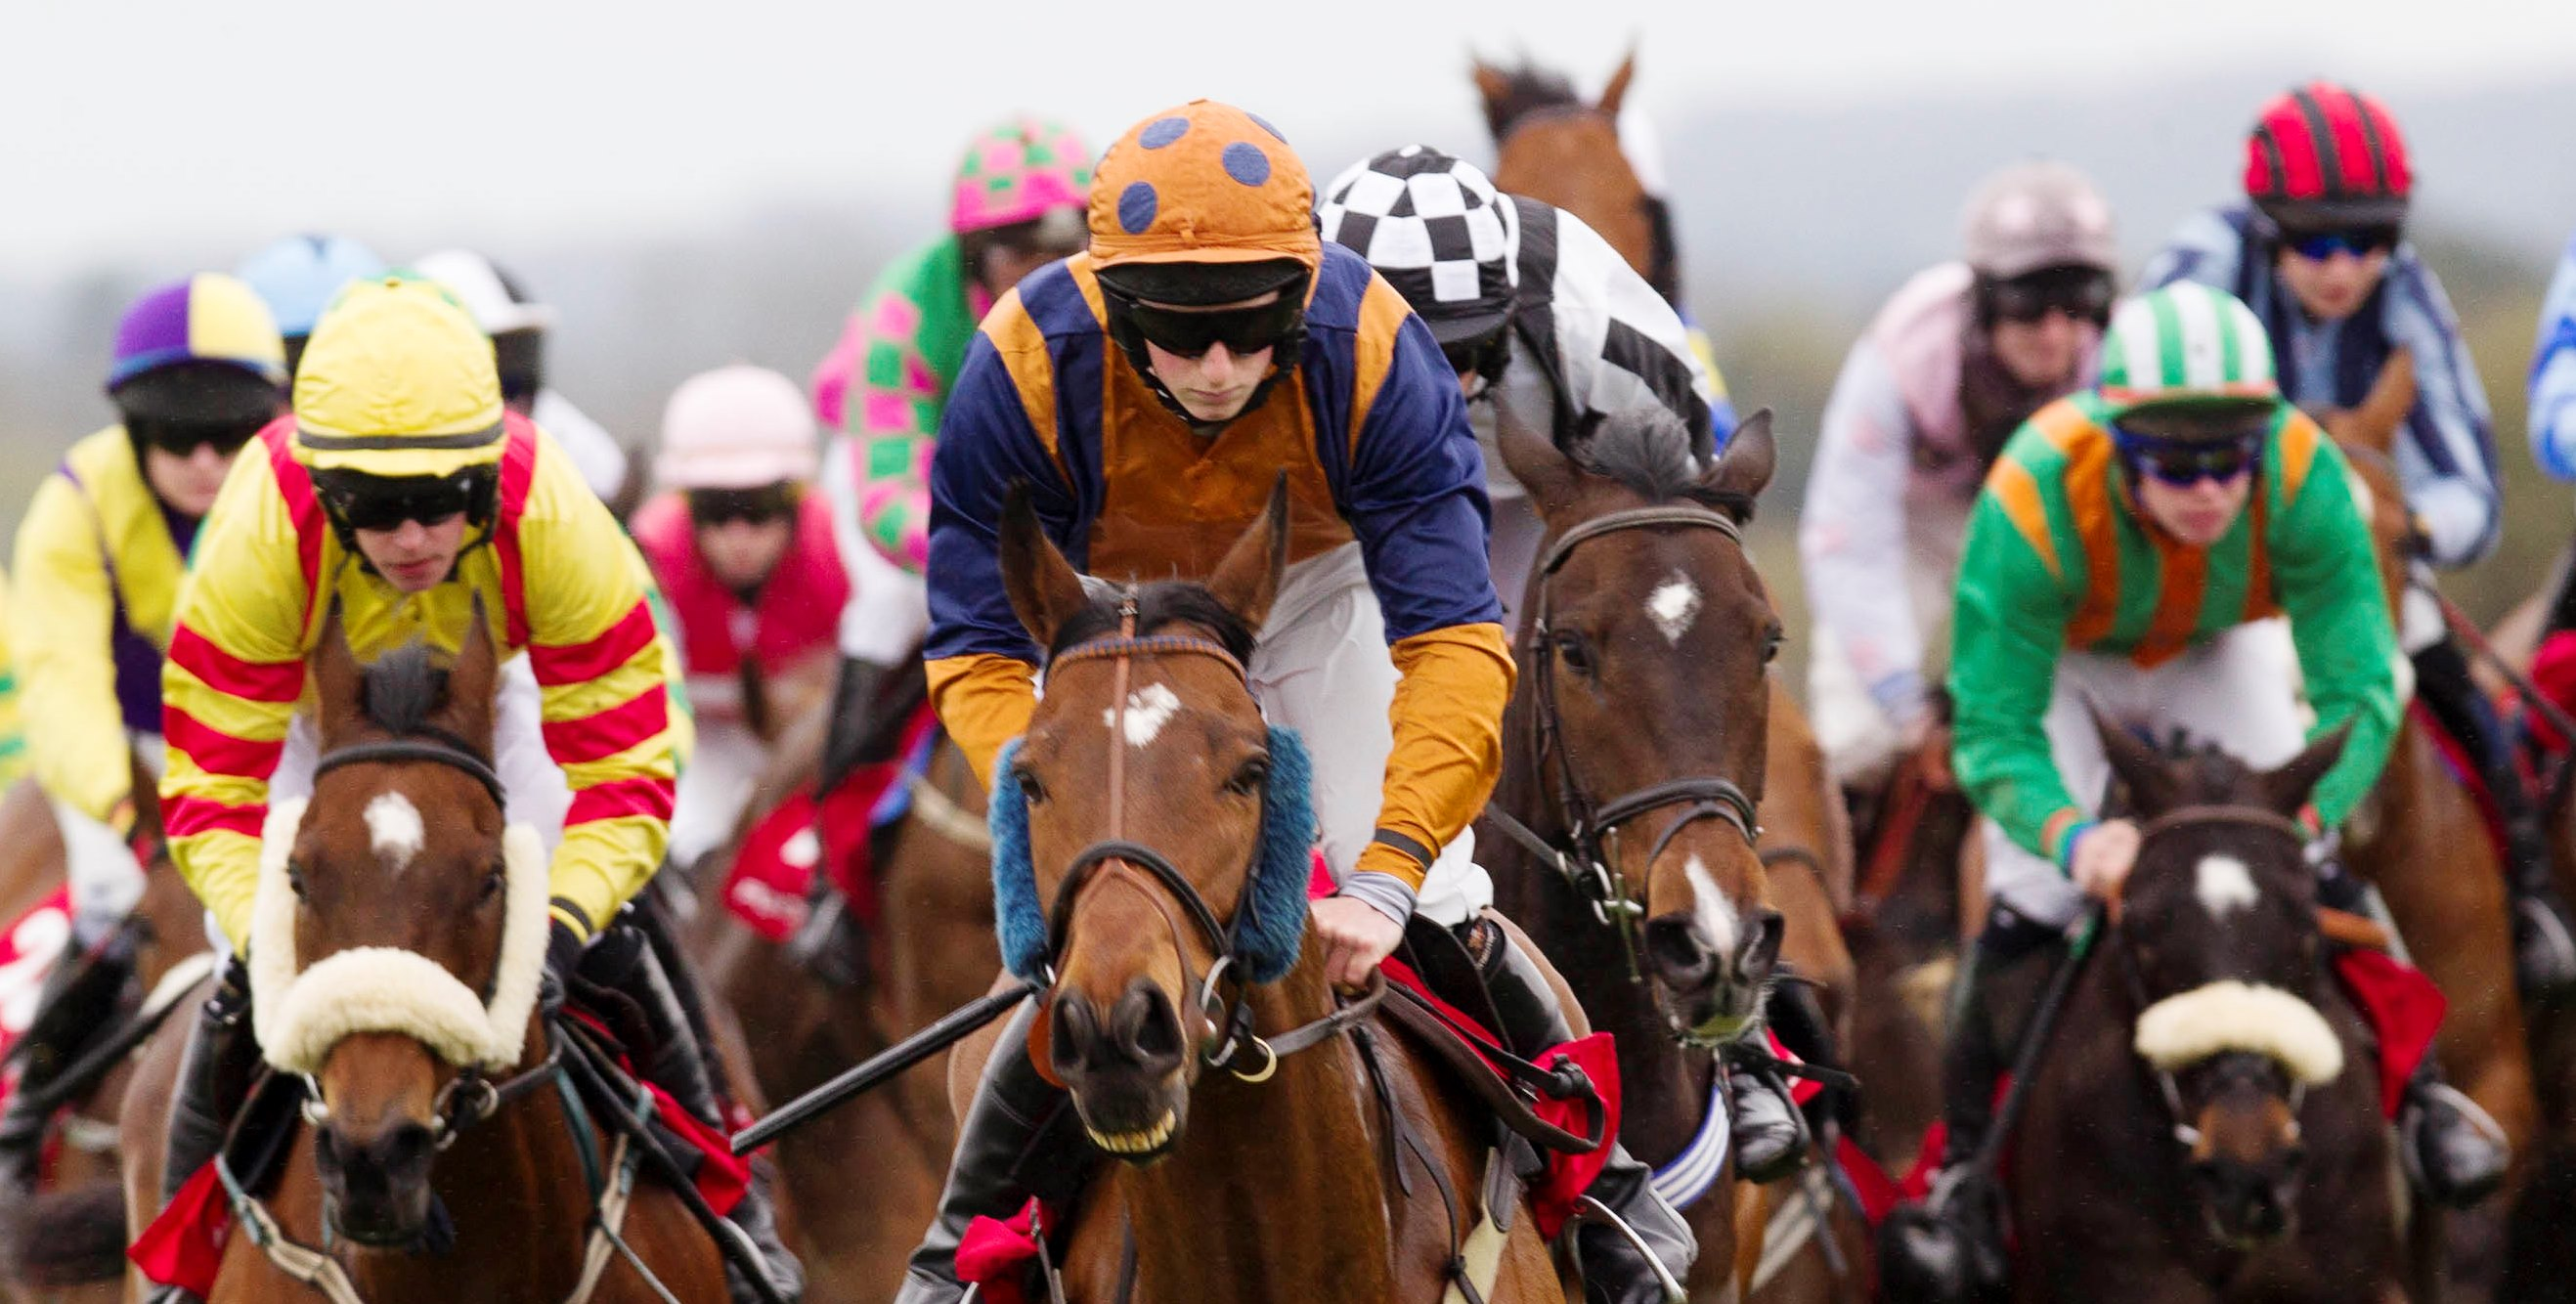 horse racing betting games mi cricket com espanol